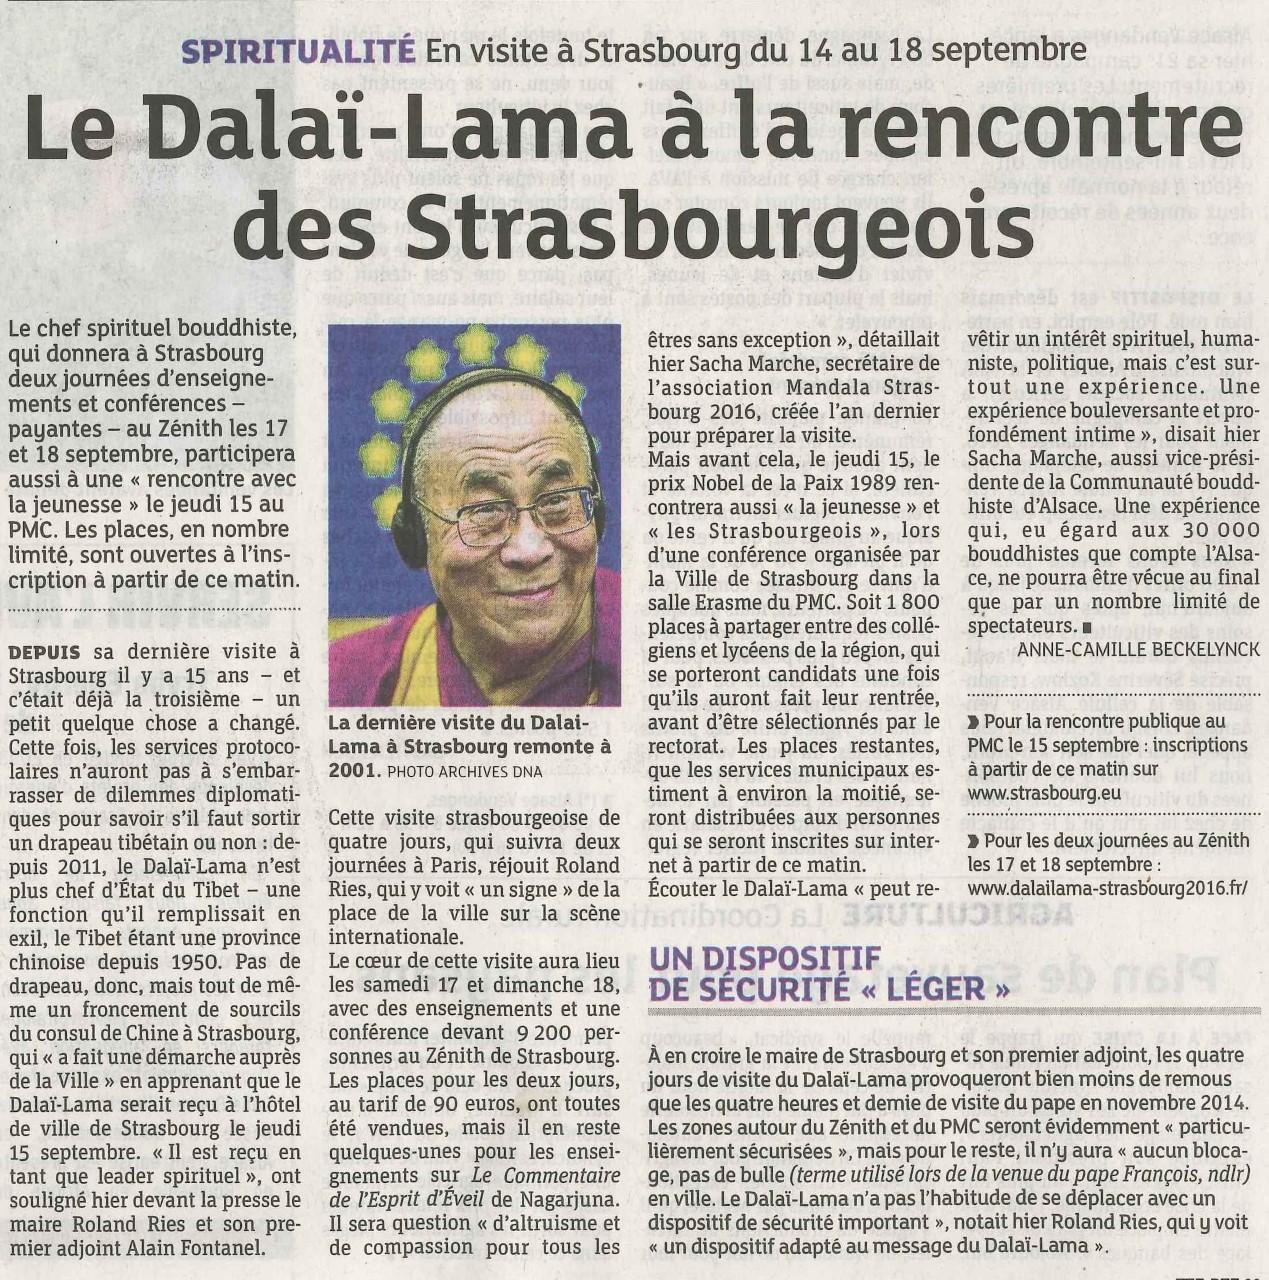 Dalai ST